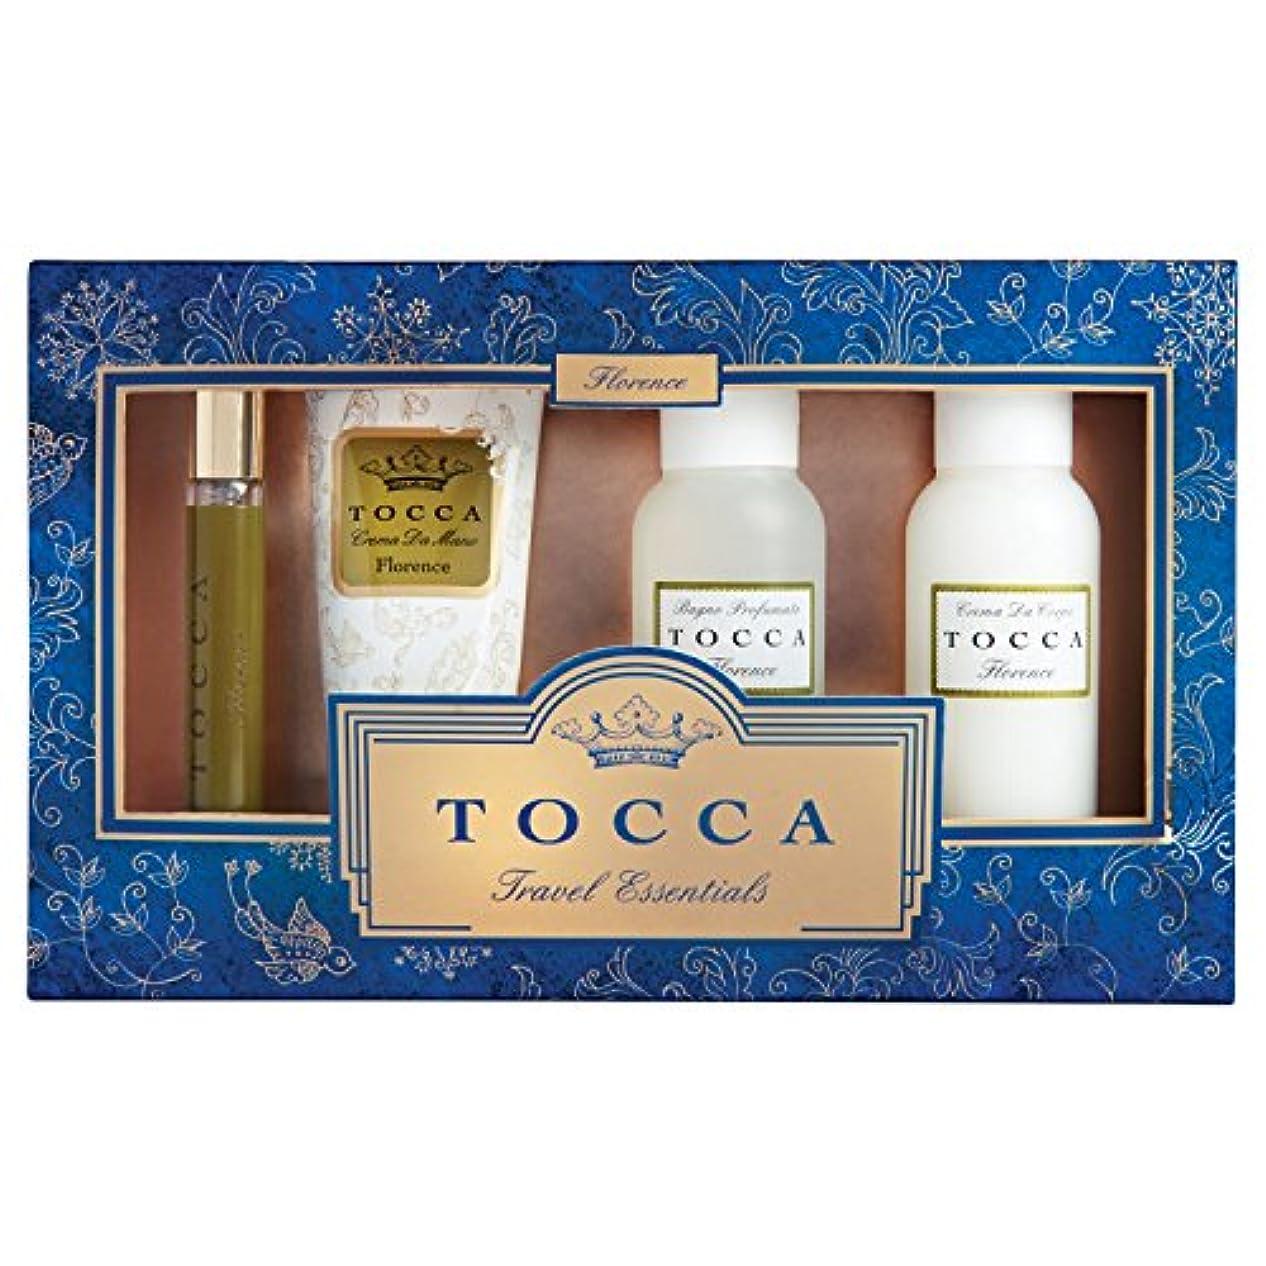 カニ失礼な生き残りトッカ(TOCCA) トラベルエッセンシャルズセットギルディッド フローレンスの香り (限定コフレ?ギフト)